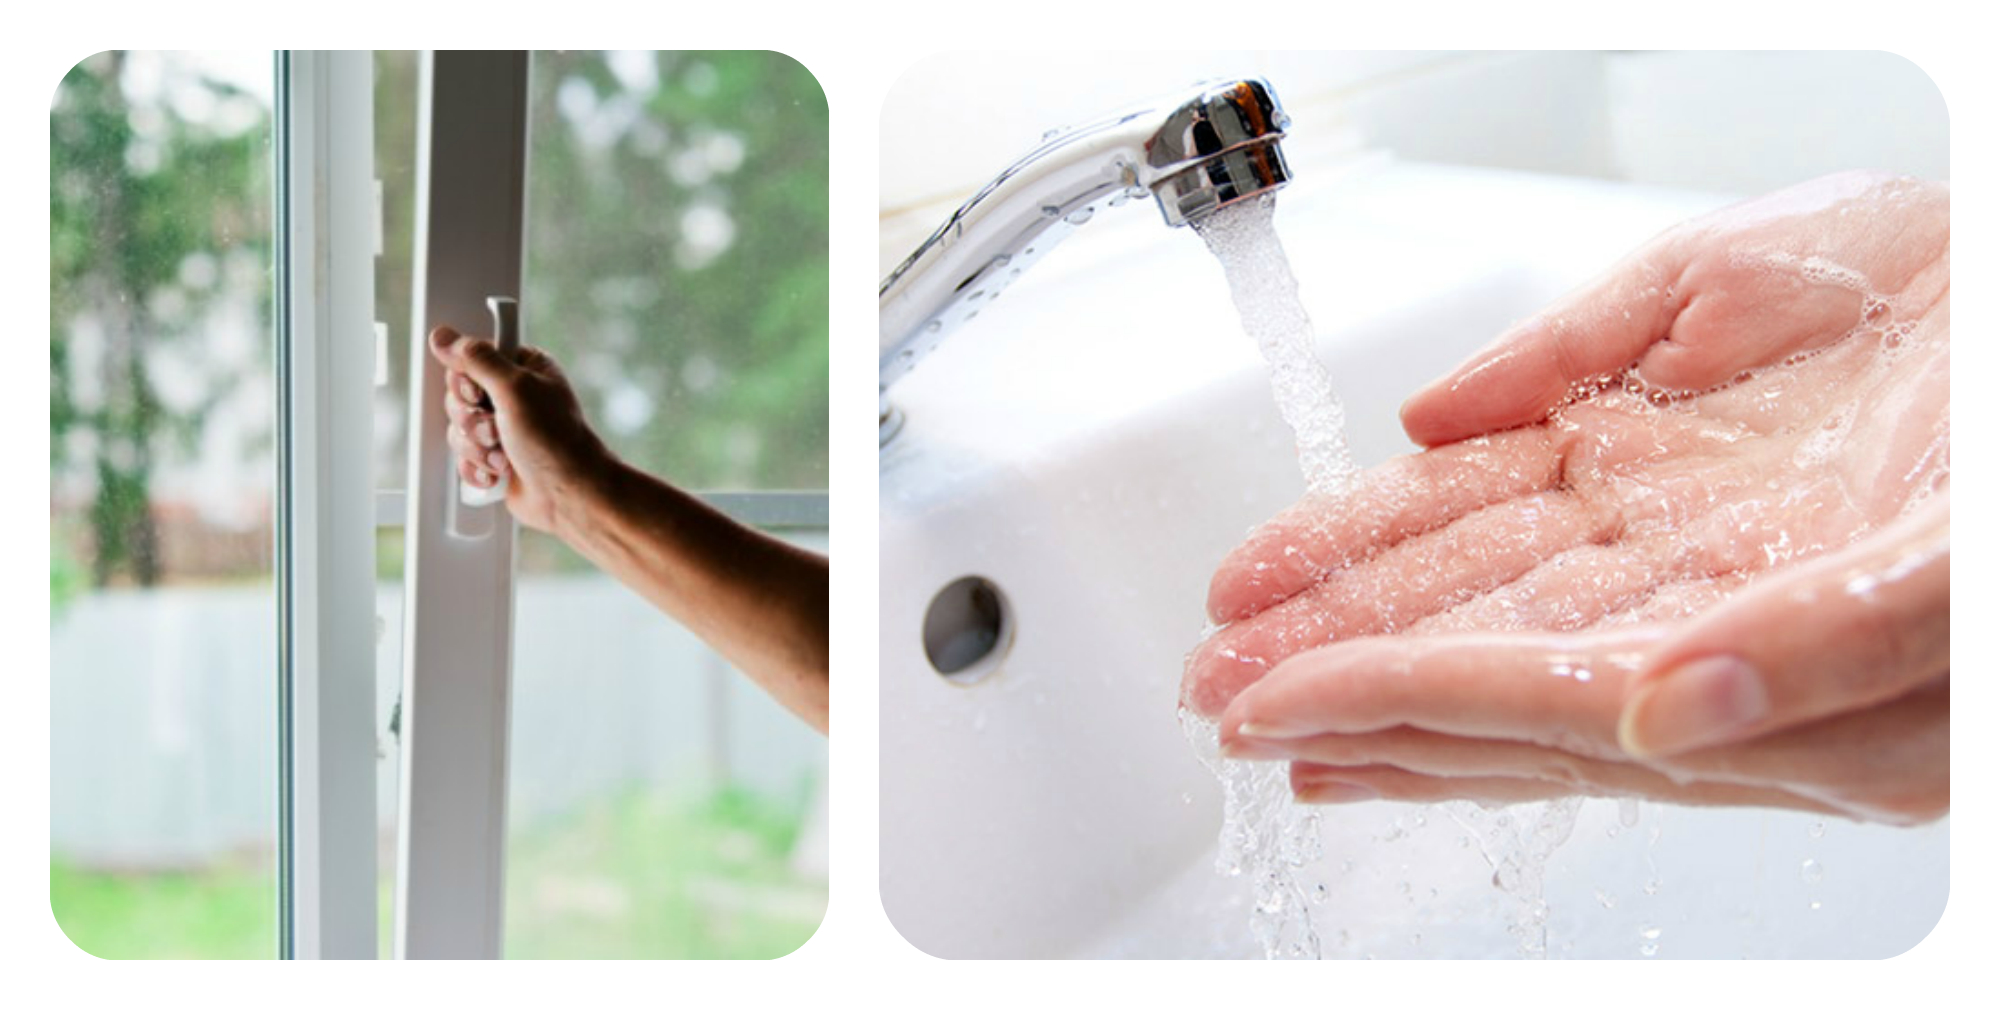 проветривание, мытье рук